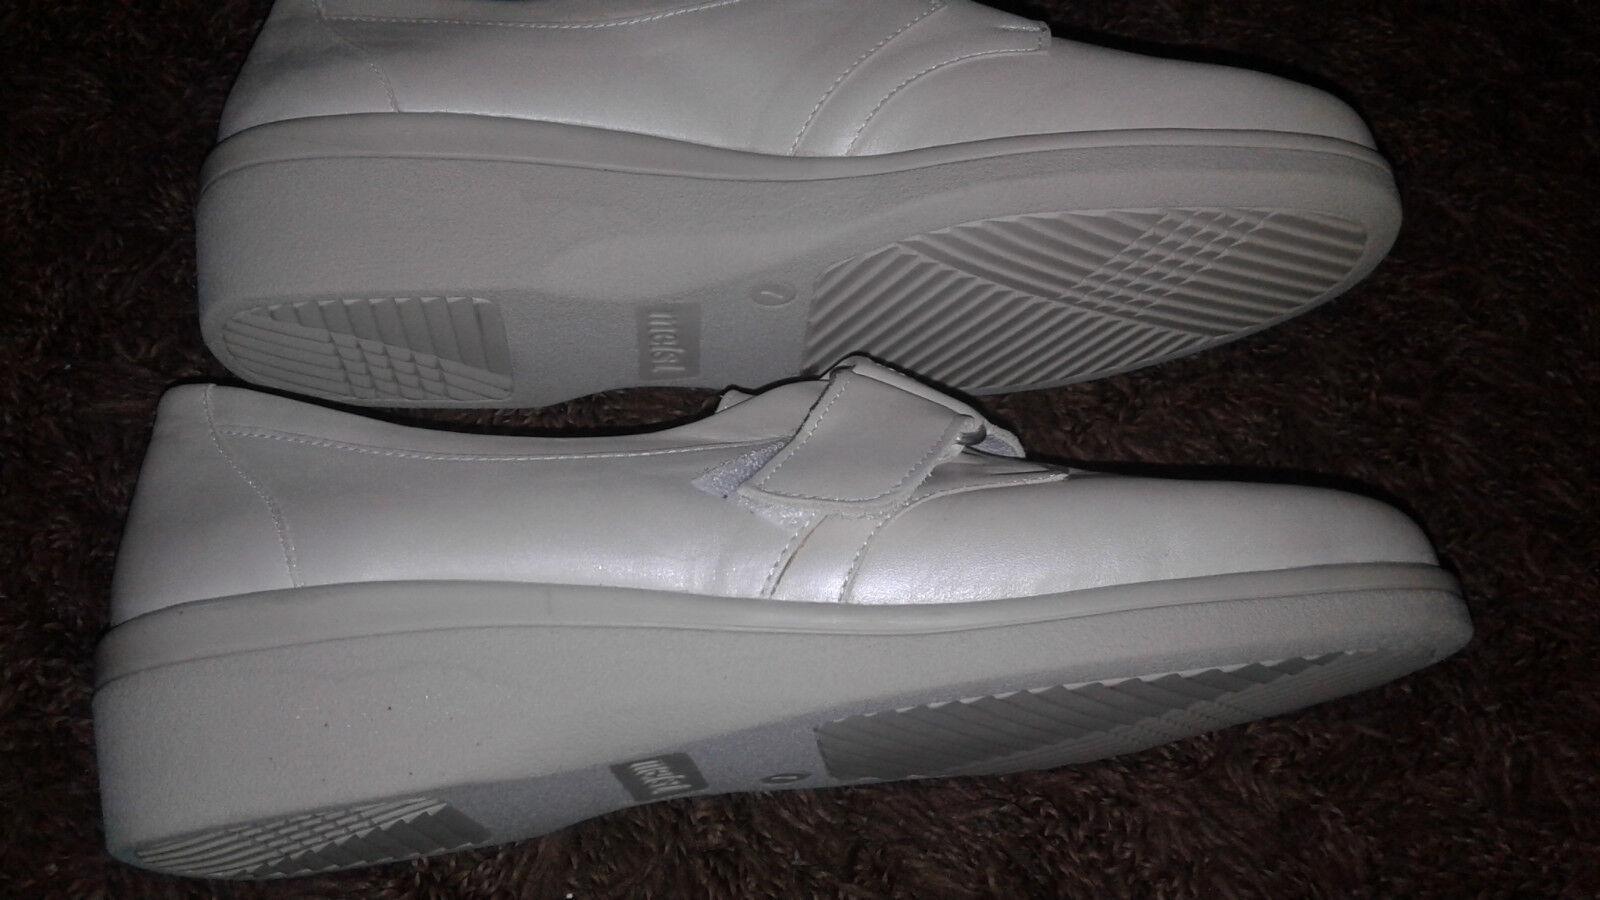 Comfort Schuh von Meisi, Größe 7 (40 2/3), Fußbett federleicht, erstklassig